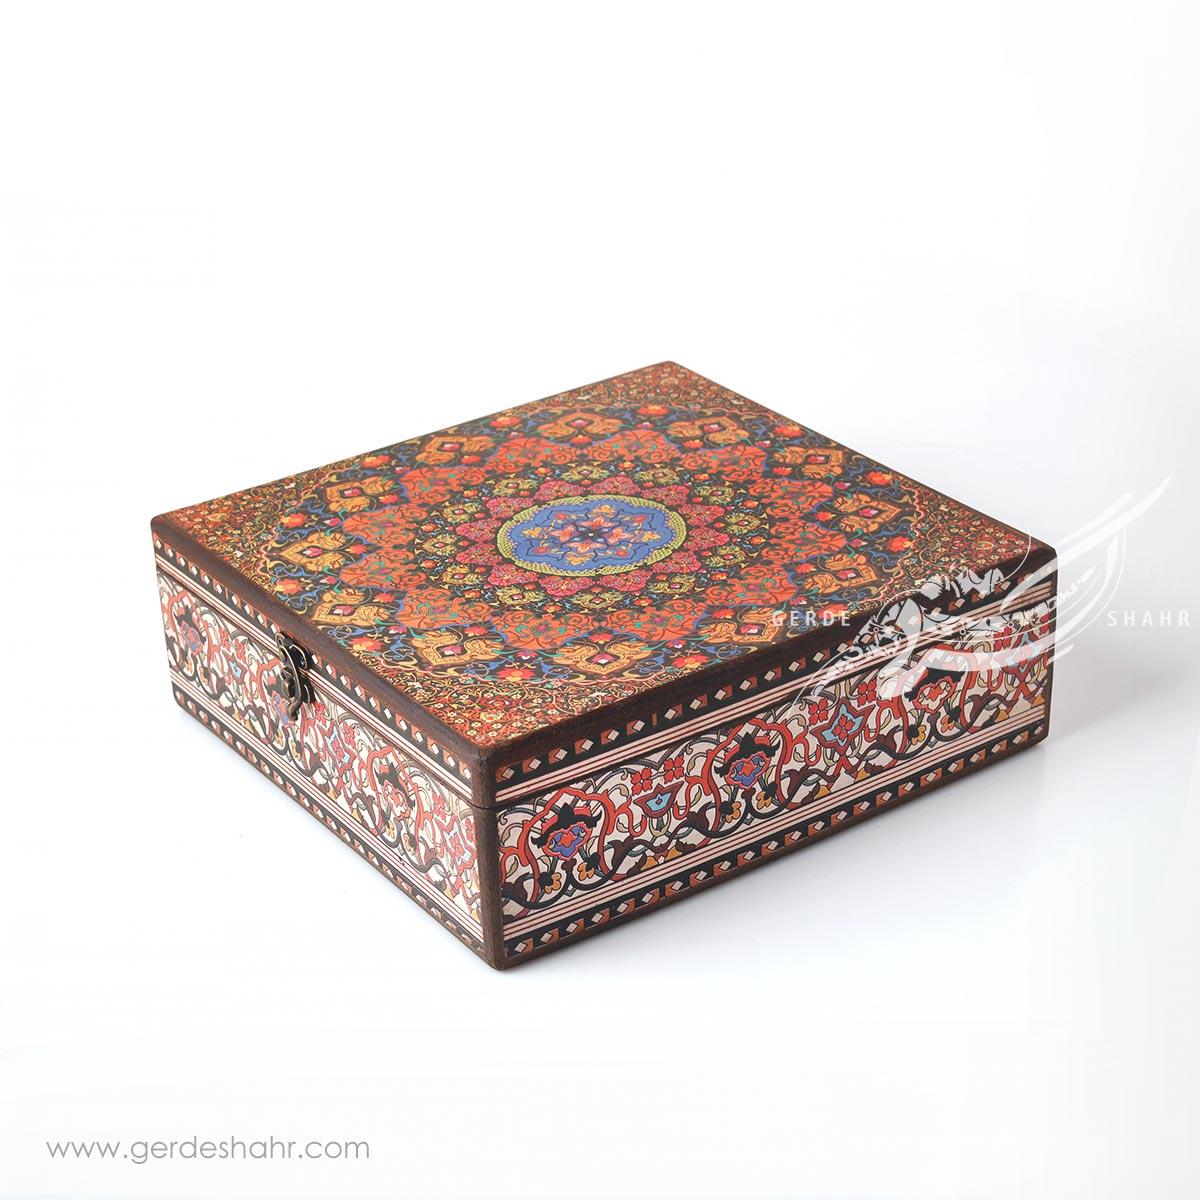 جعبه چوبی اسلیمی ترنج سایز 30 هفتگان محصولات